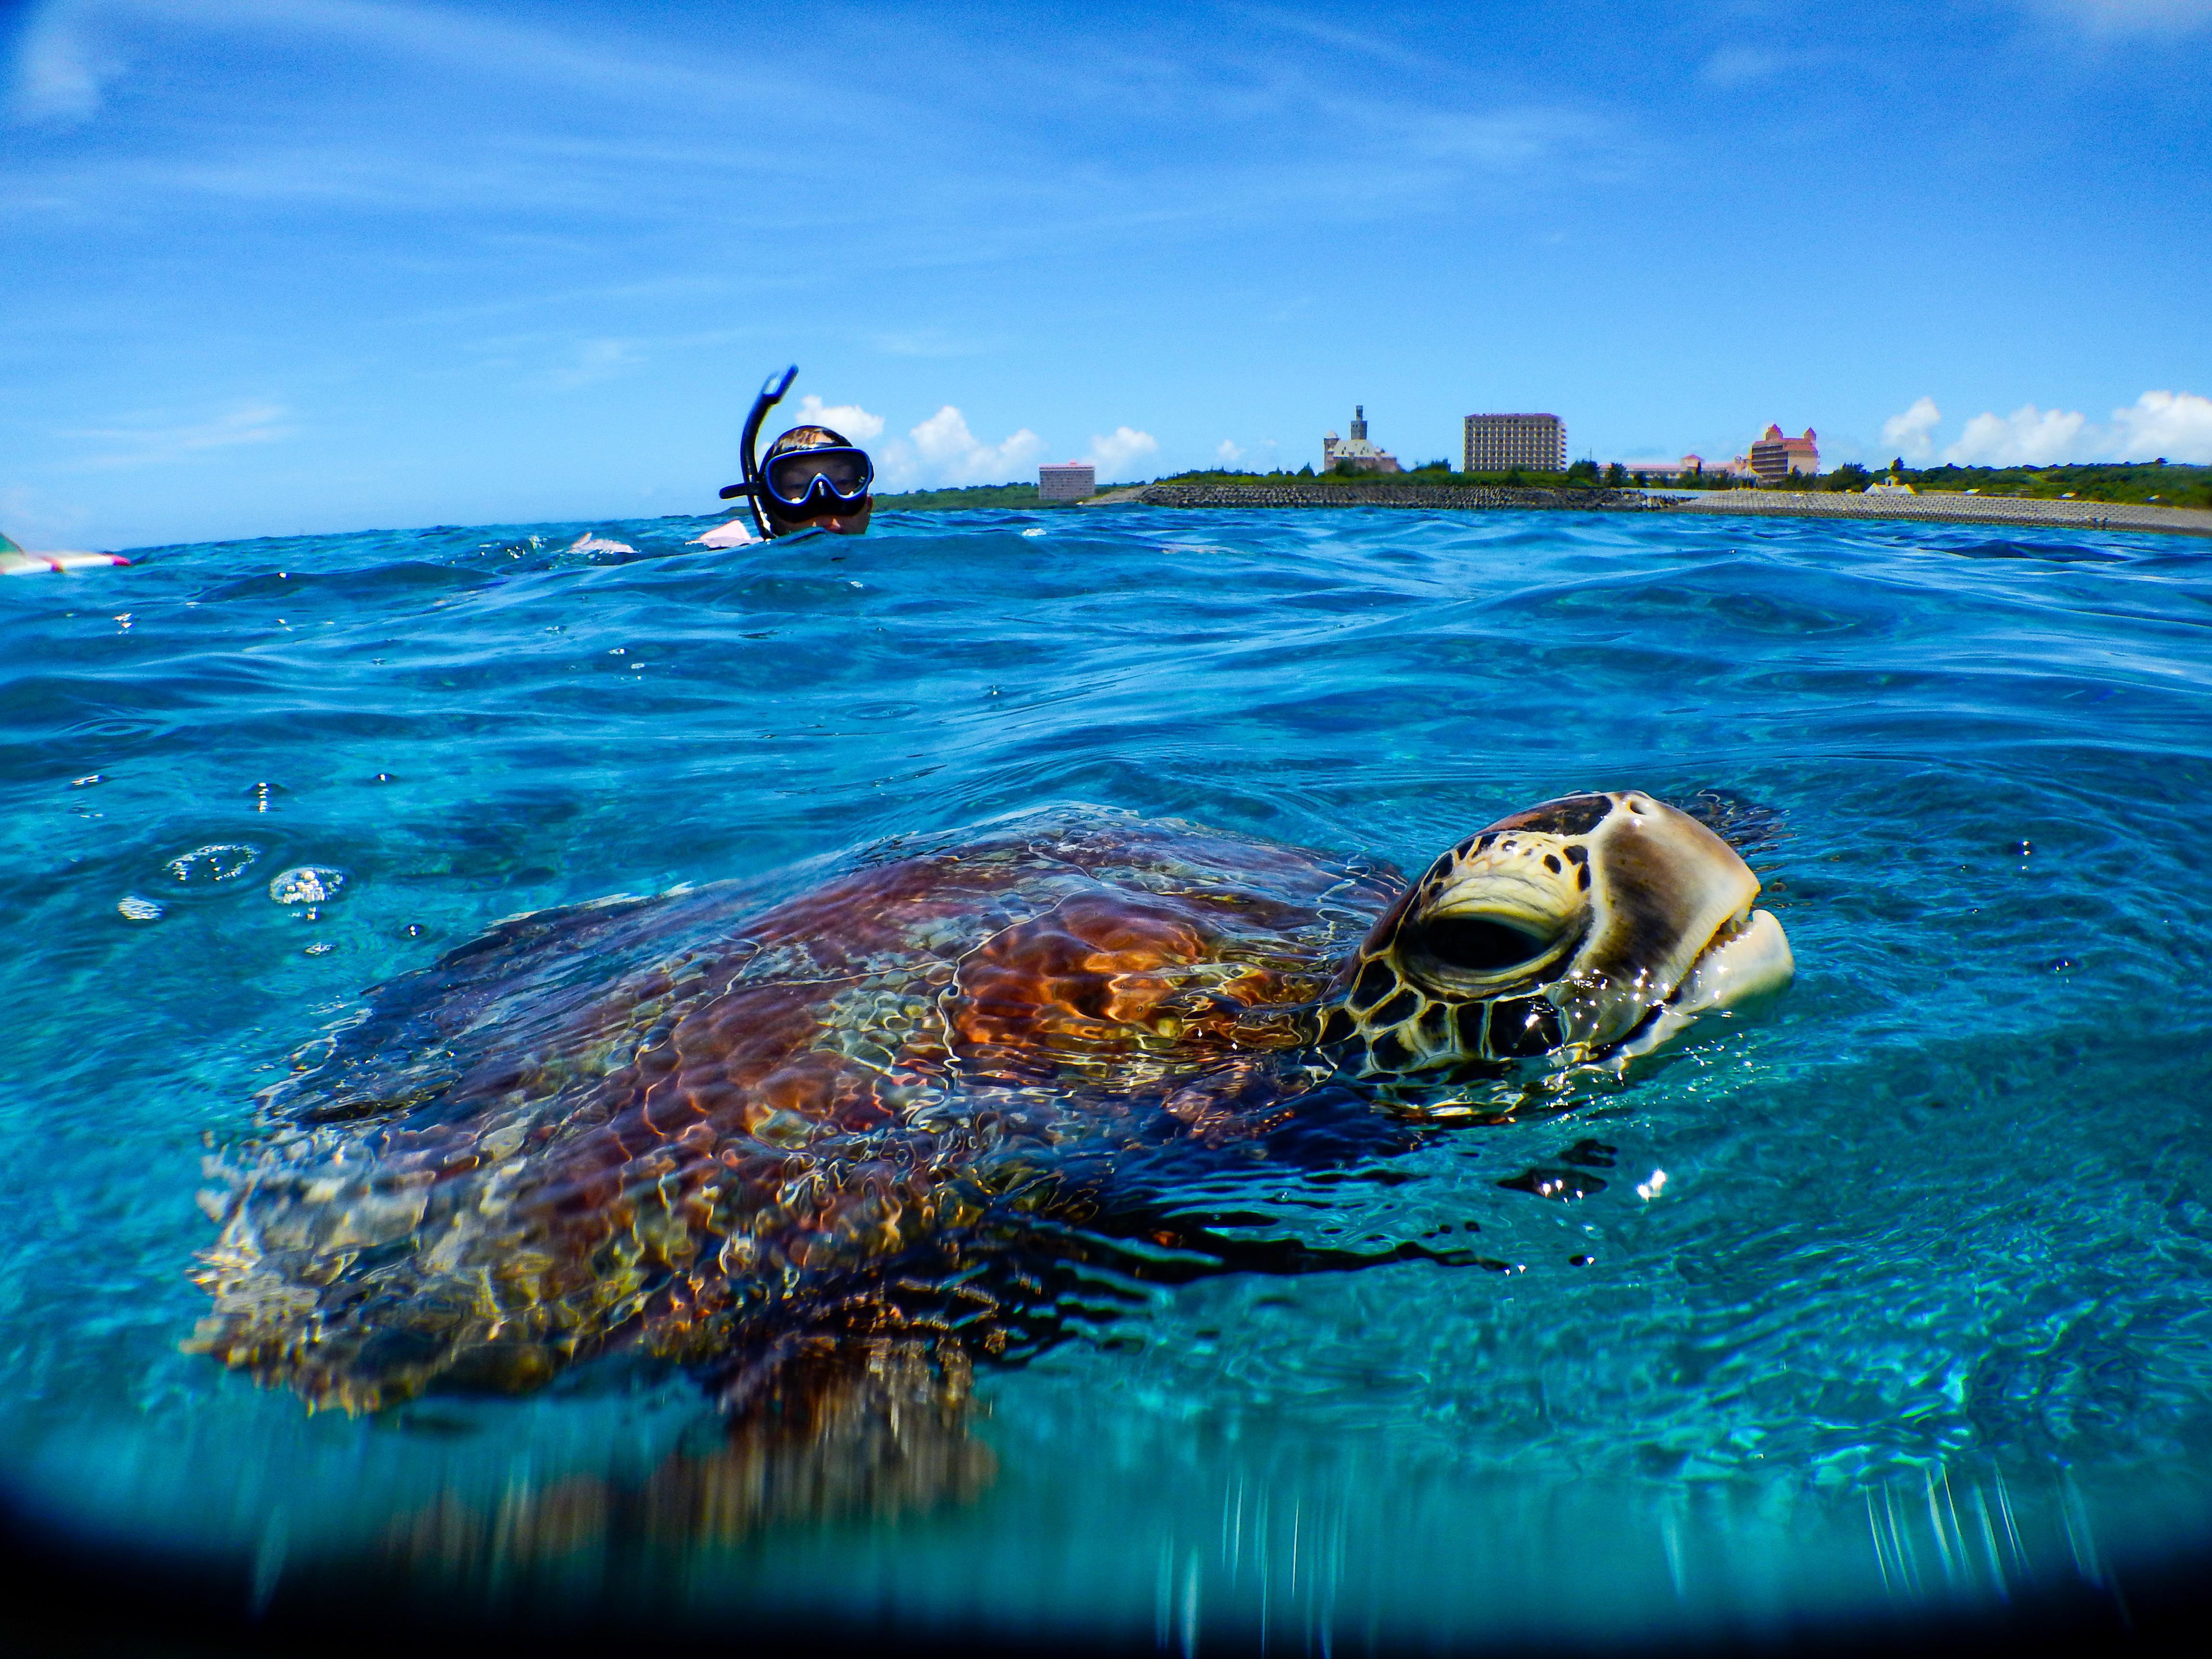 ウミガメと一緒に泳ぐことが出来るツアー